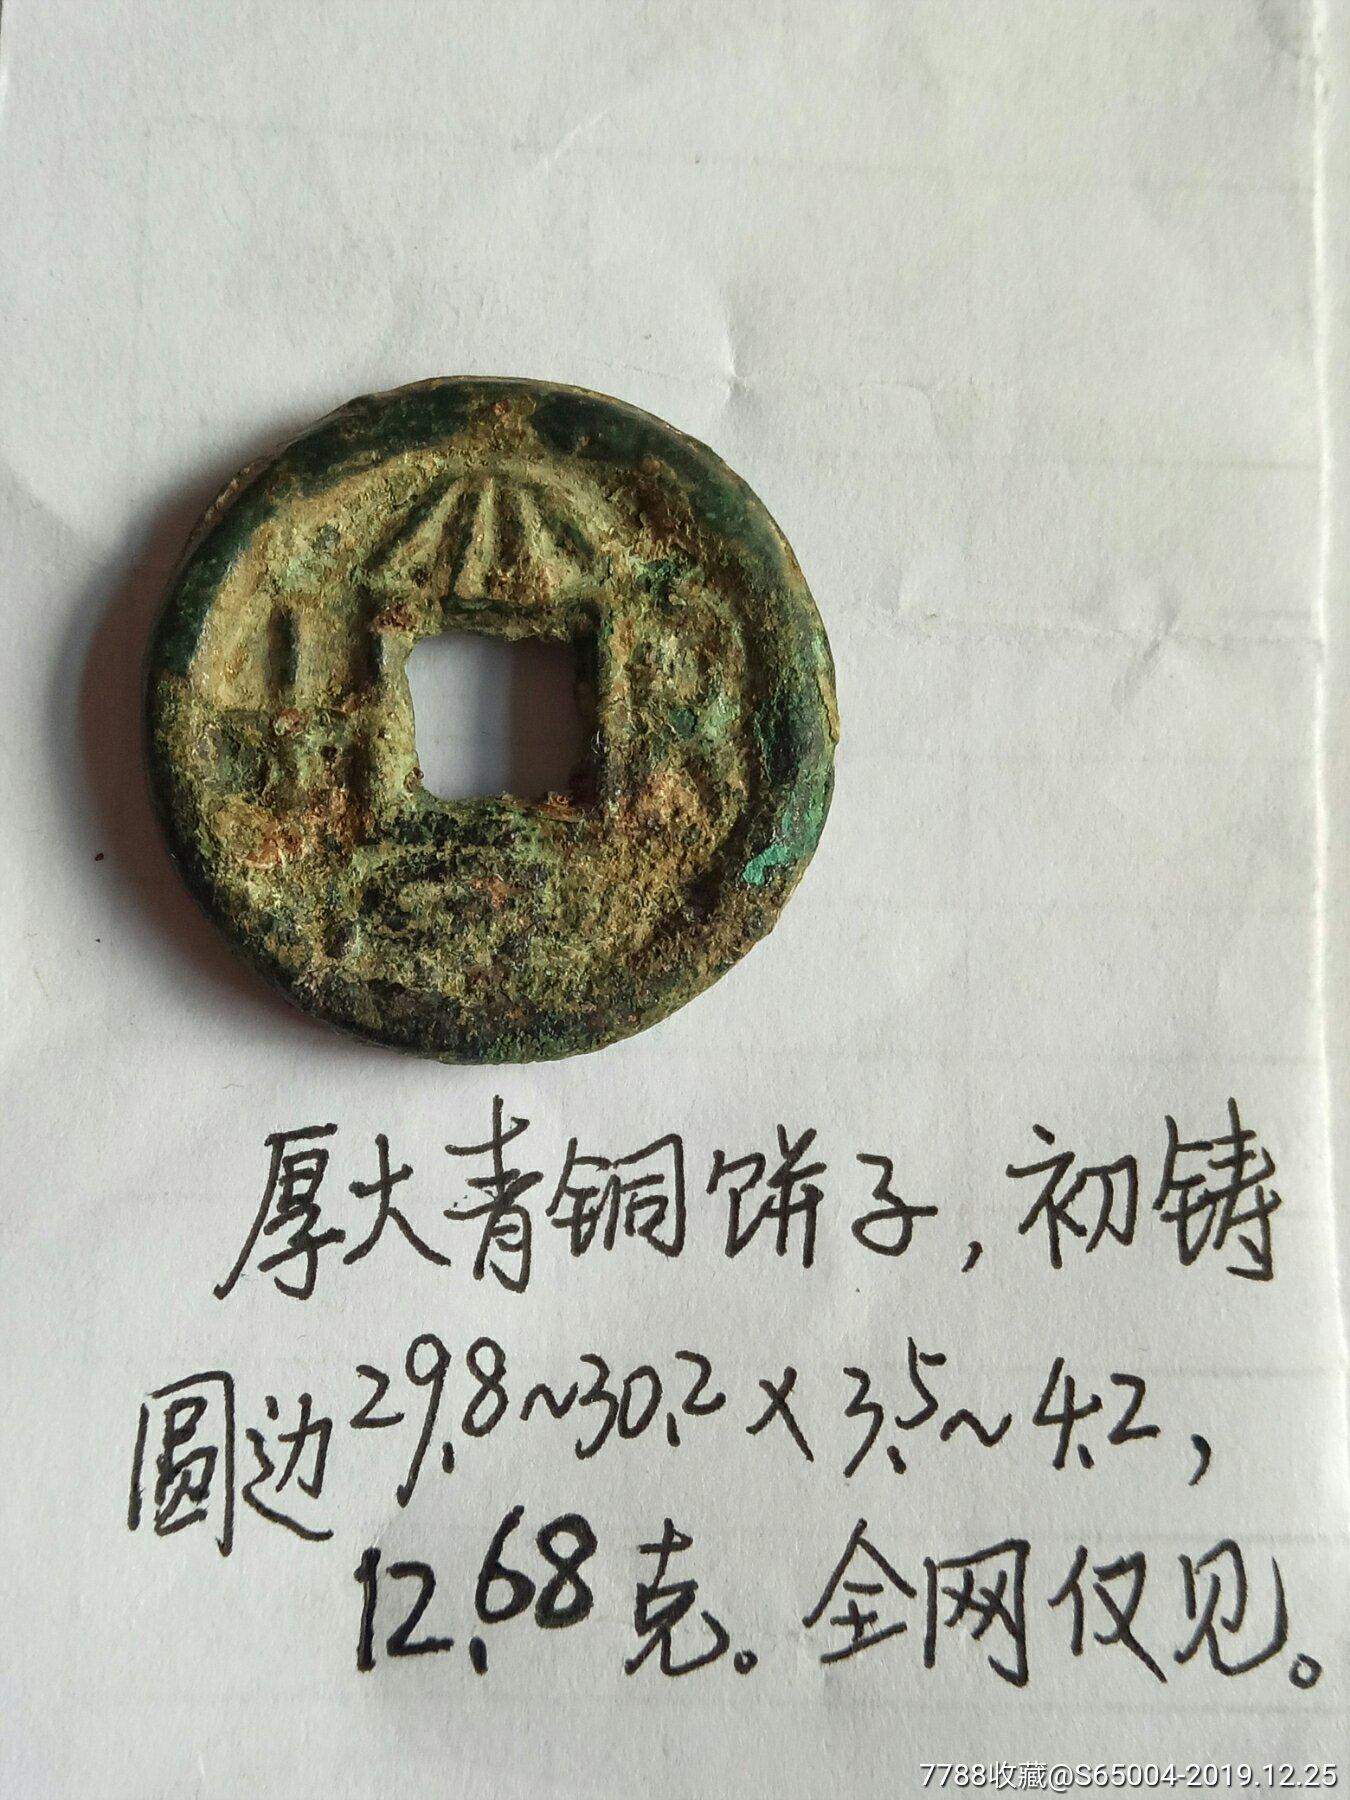 大泉五十厚重饼子(au21986924)_